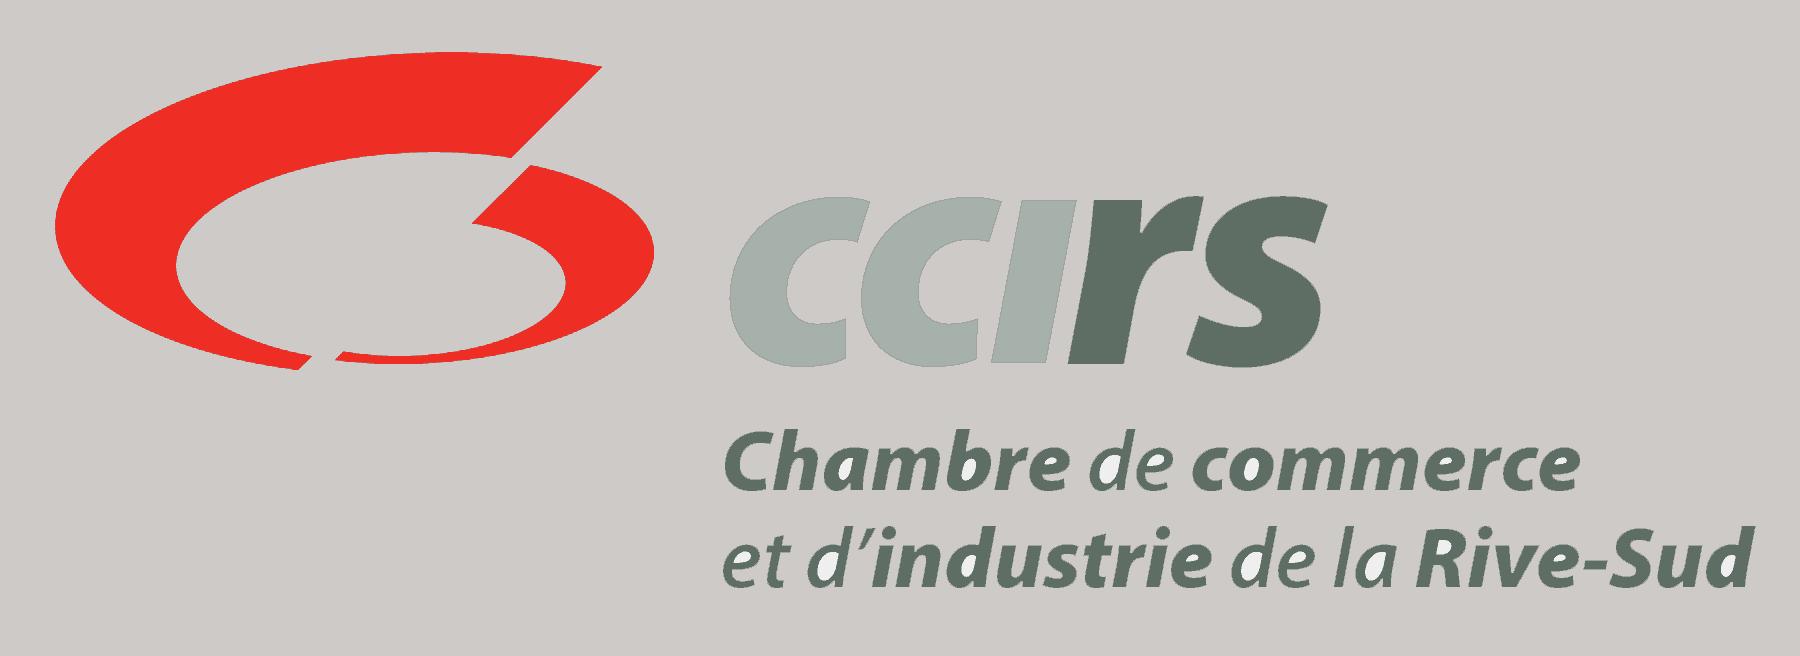 Logo - Chambre de commerce et de l'industrie de la Rive-Sud - CCIRS